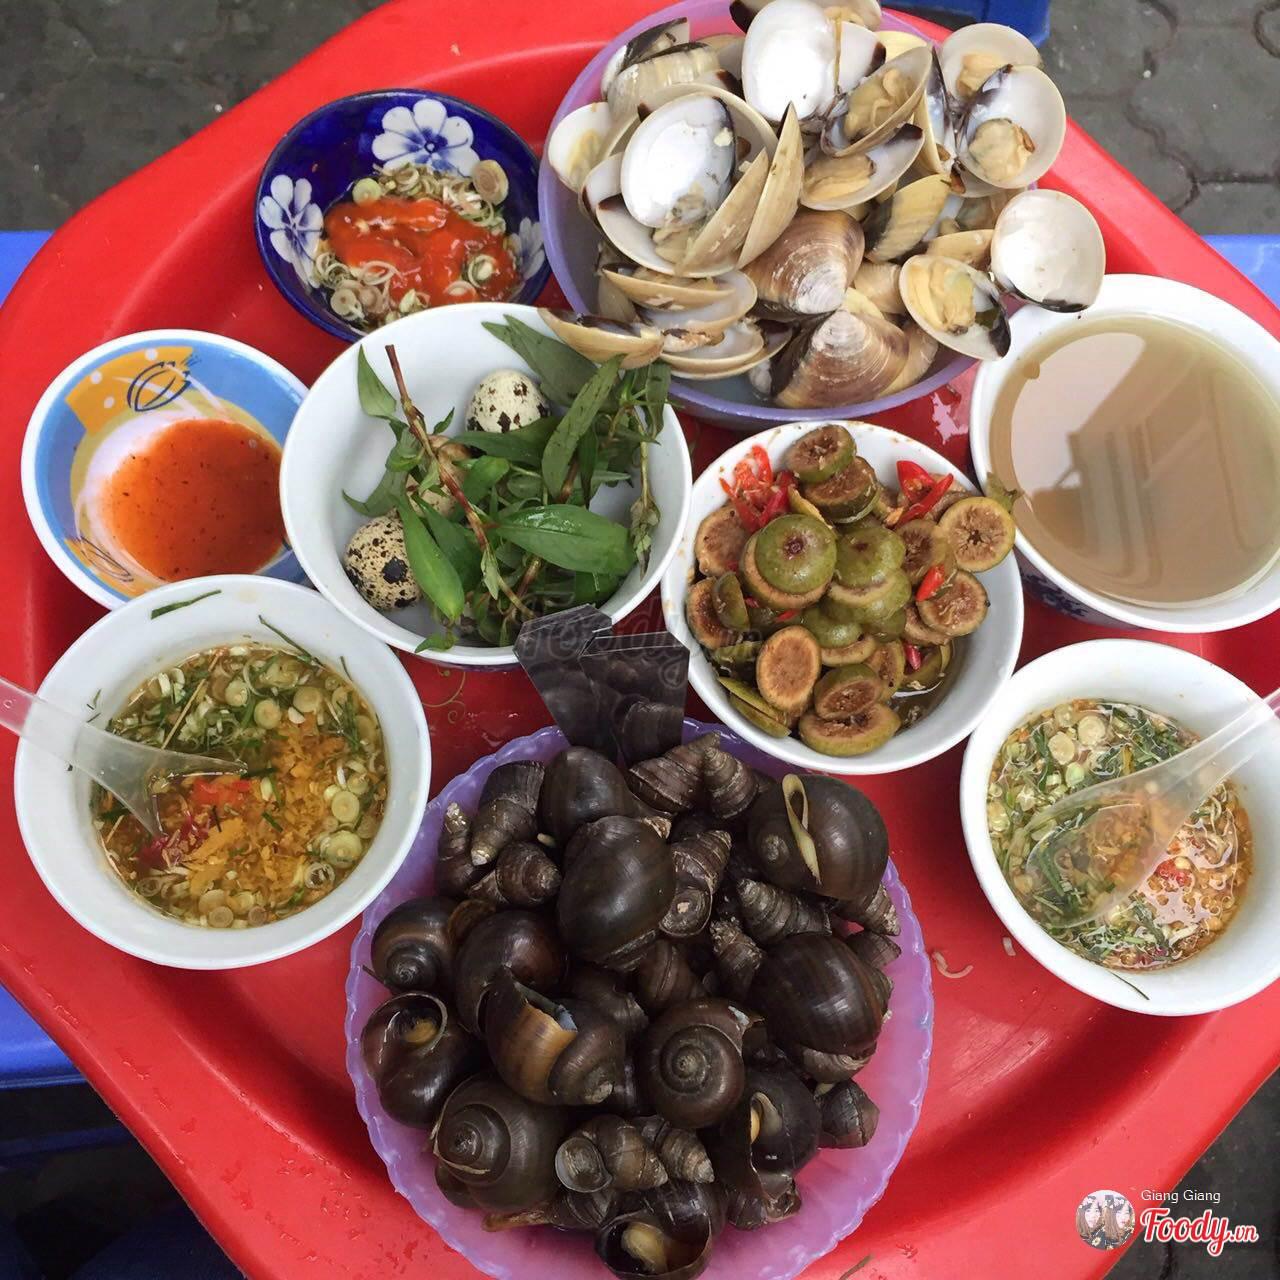 (Hà Nội) Tổng hợp những quán ốc ngon ở Hà Nội cho ngày đông